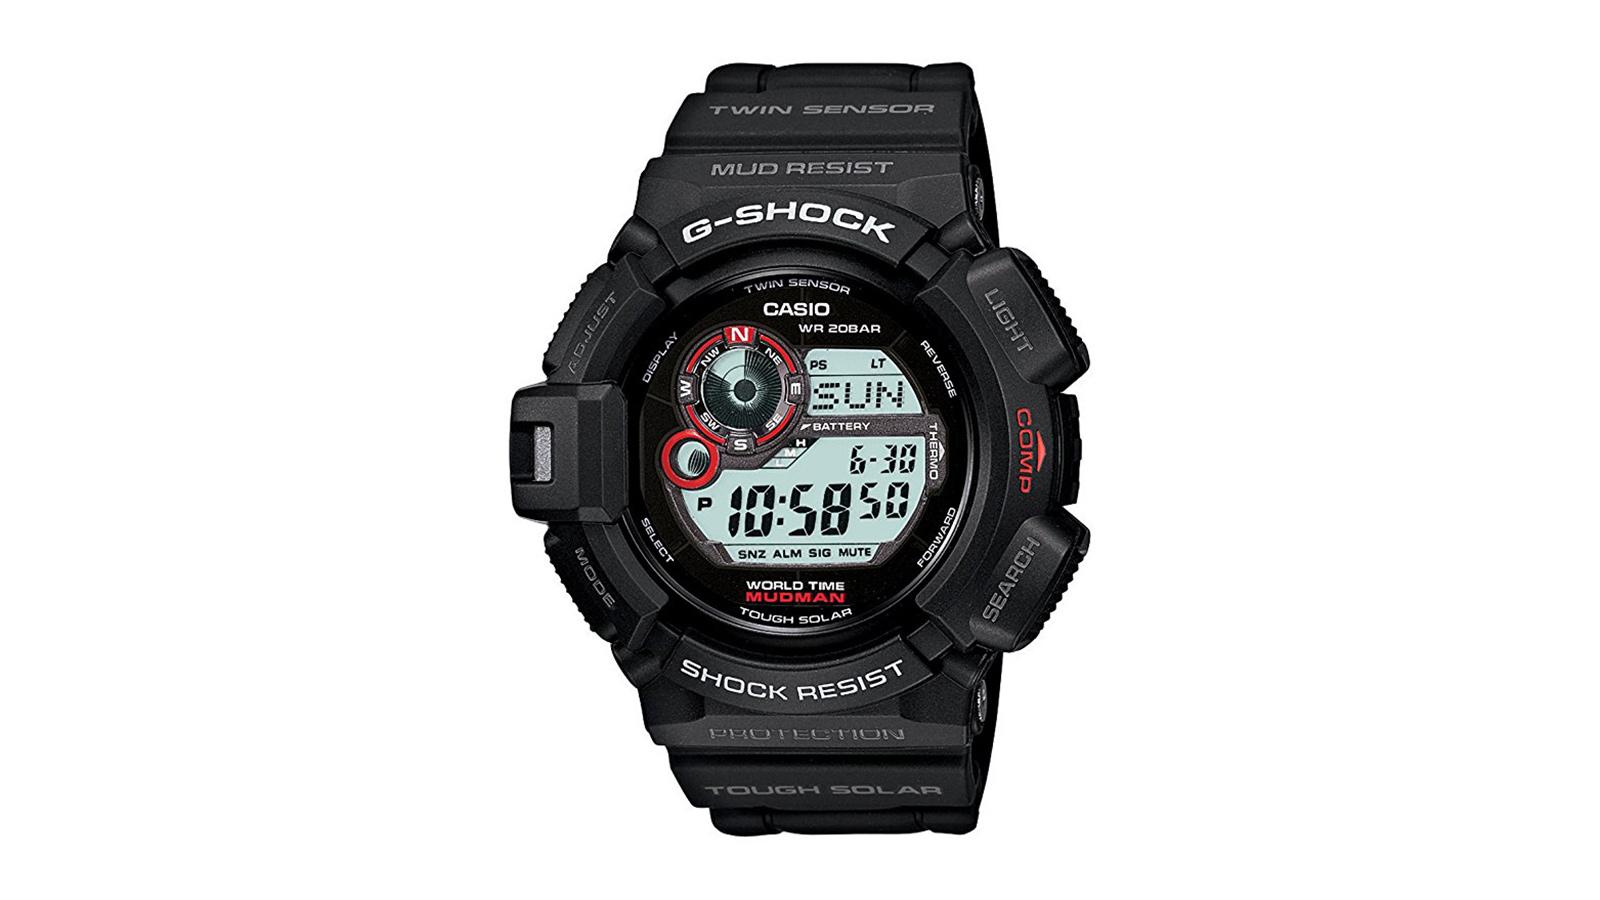 Casio Men's G9300-1 Mudman Sports Watch   the best men's watches under $200